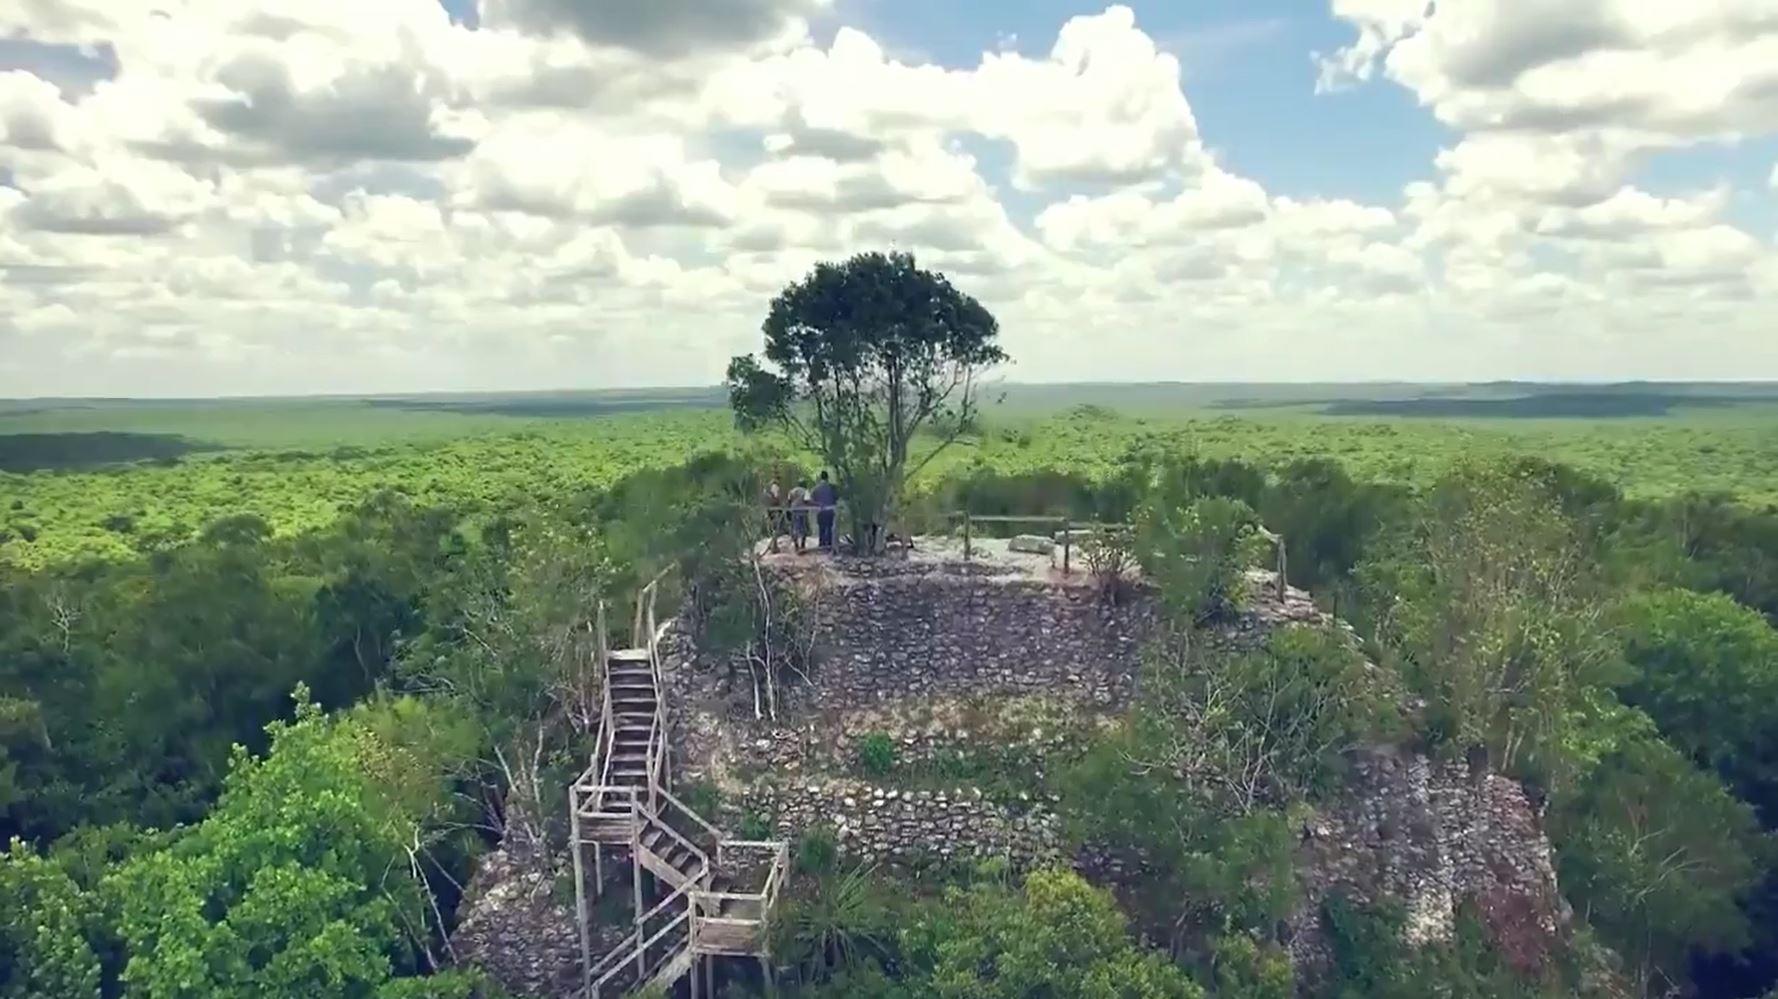 Rechazan intenciones de hacer negocios con sitio arqueológico El Mirador